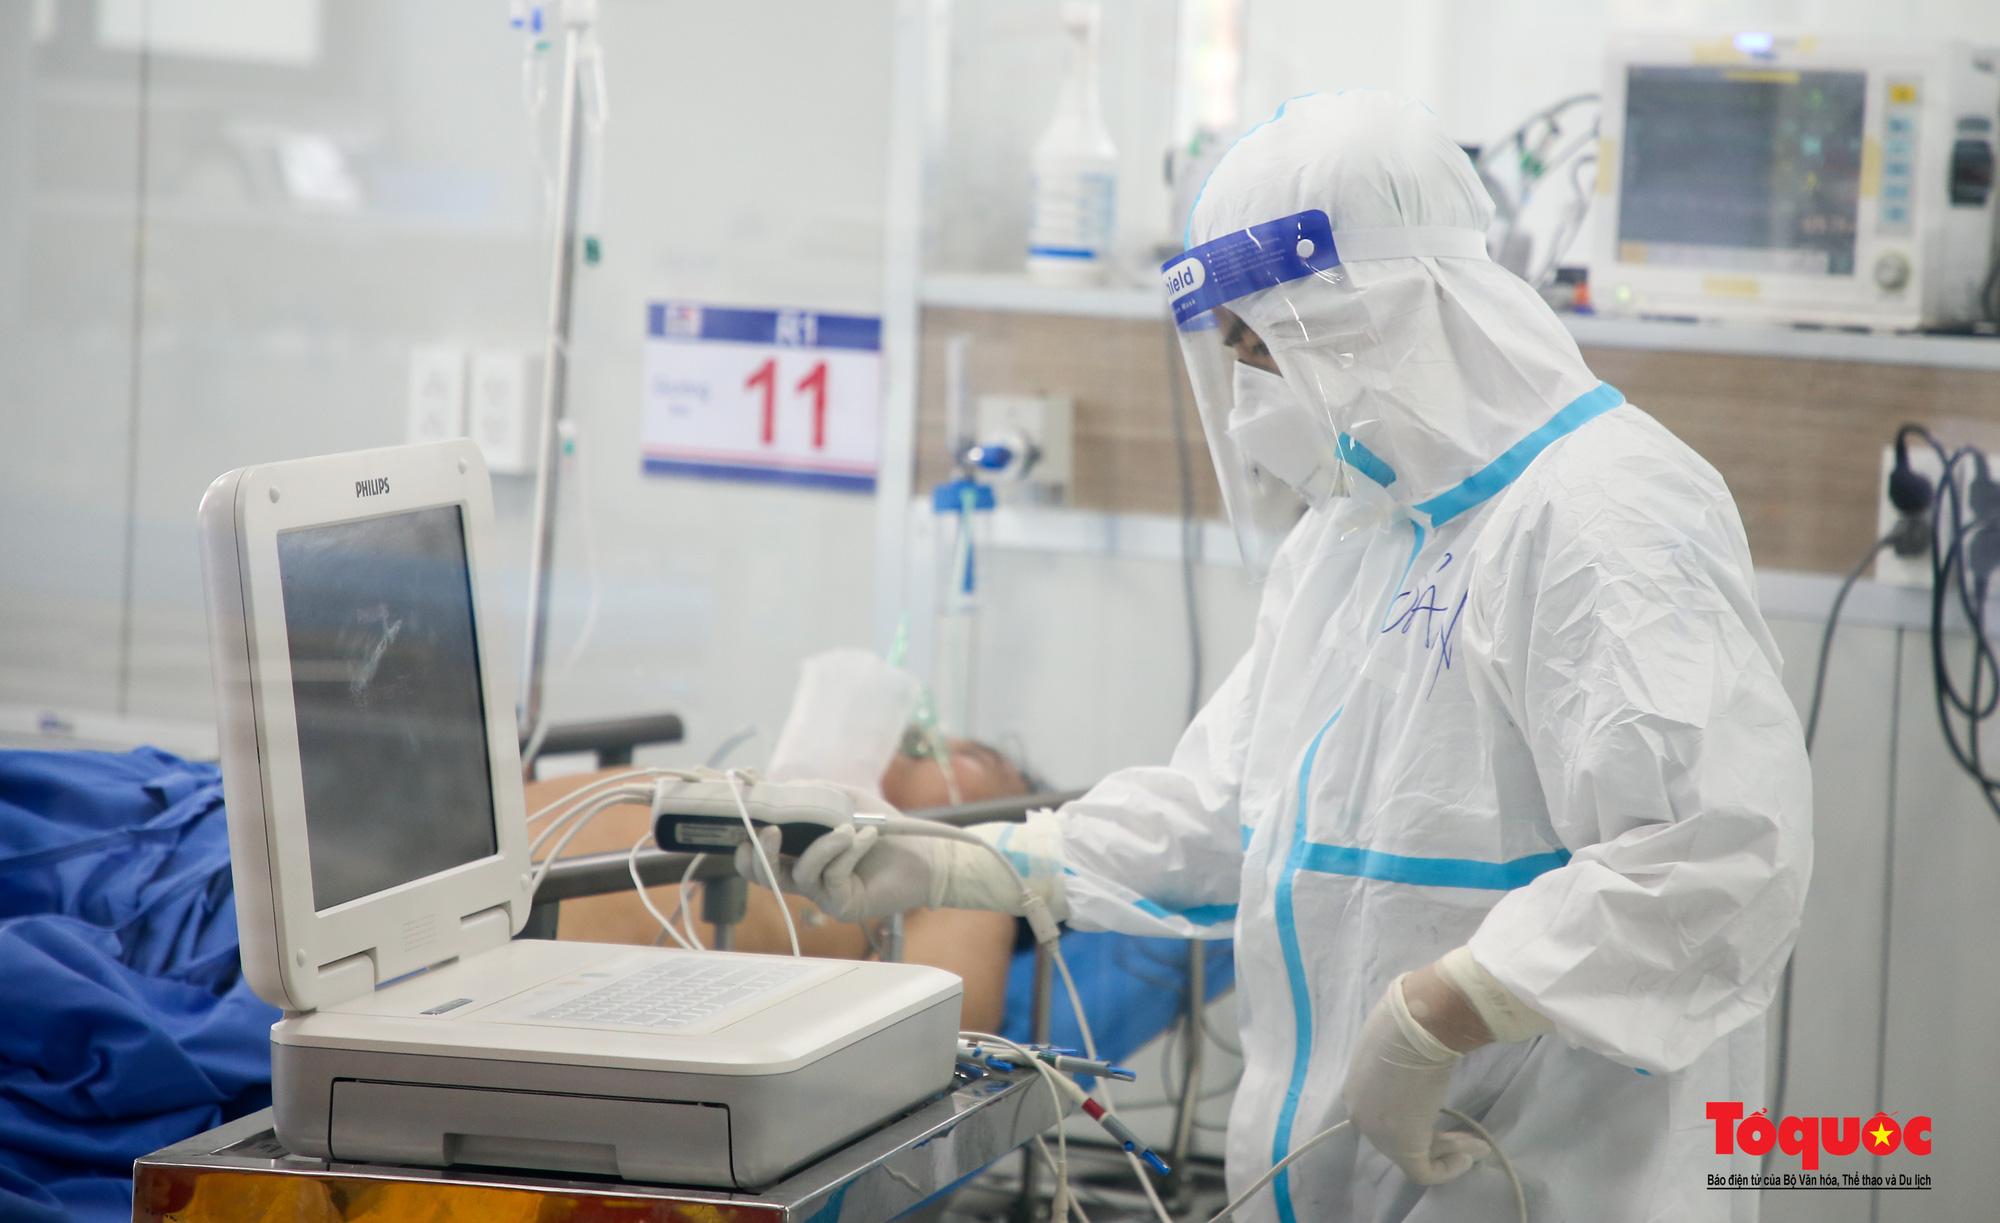 Hà Nội: Cận cảnh bên trong khu điều trị hiện đại của Bệnh viện điều trị người bệnh Covid 19  - Ảnh 9.